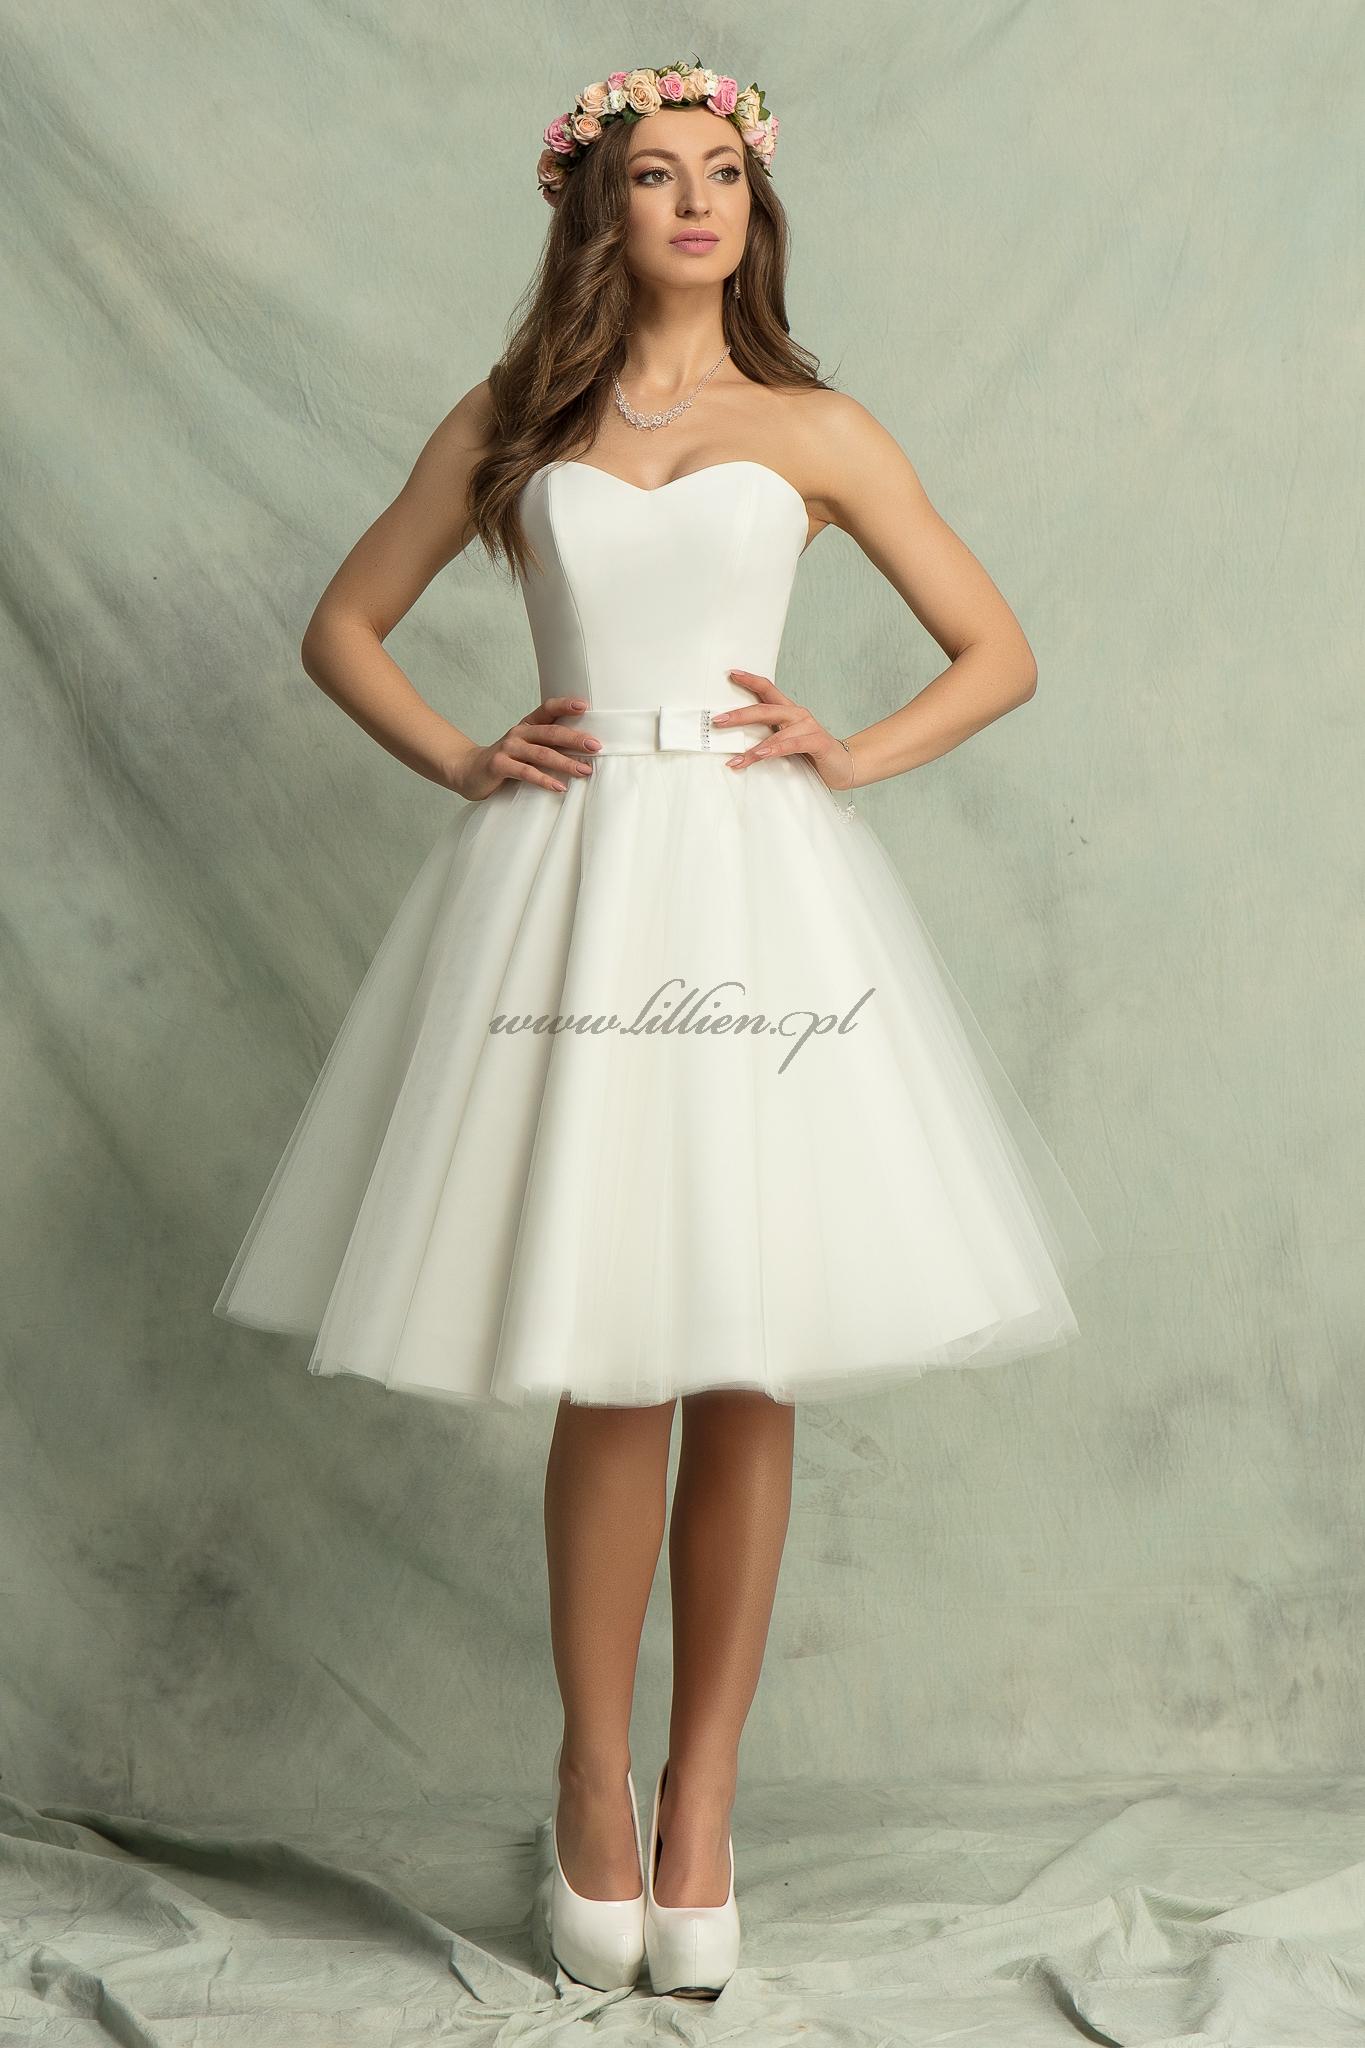 91109102d4 Suknia ślubna A 362 Krótka - Wiele kolorów - Bolerka